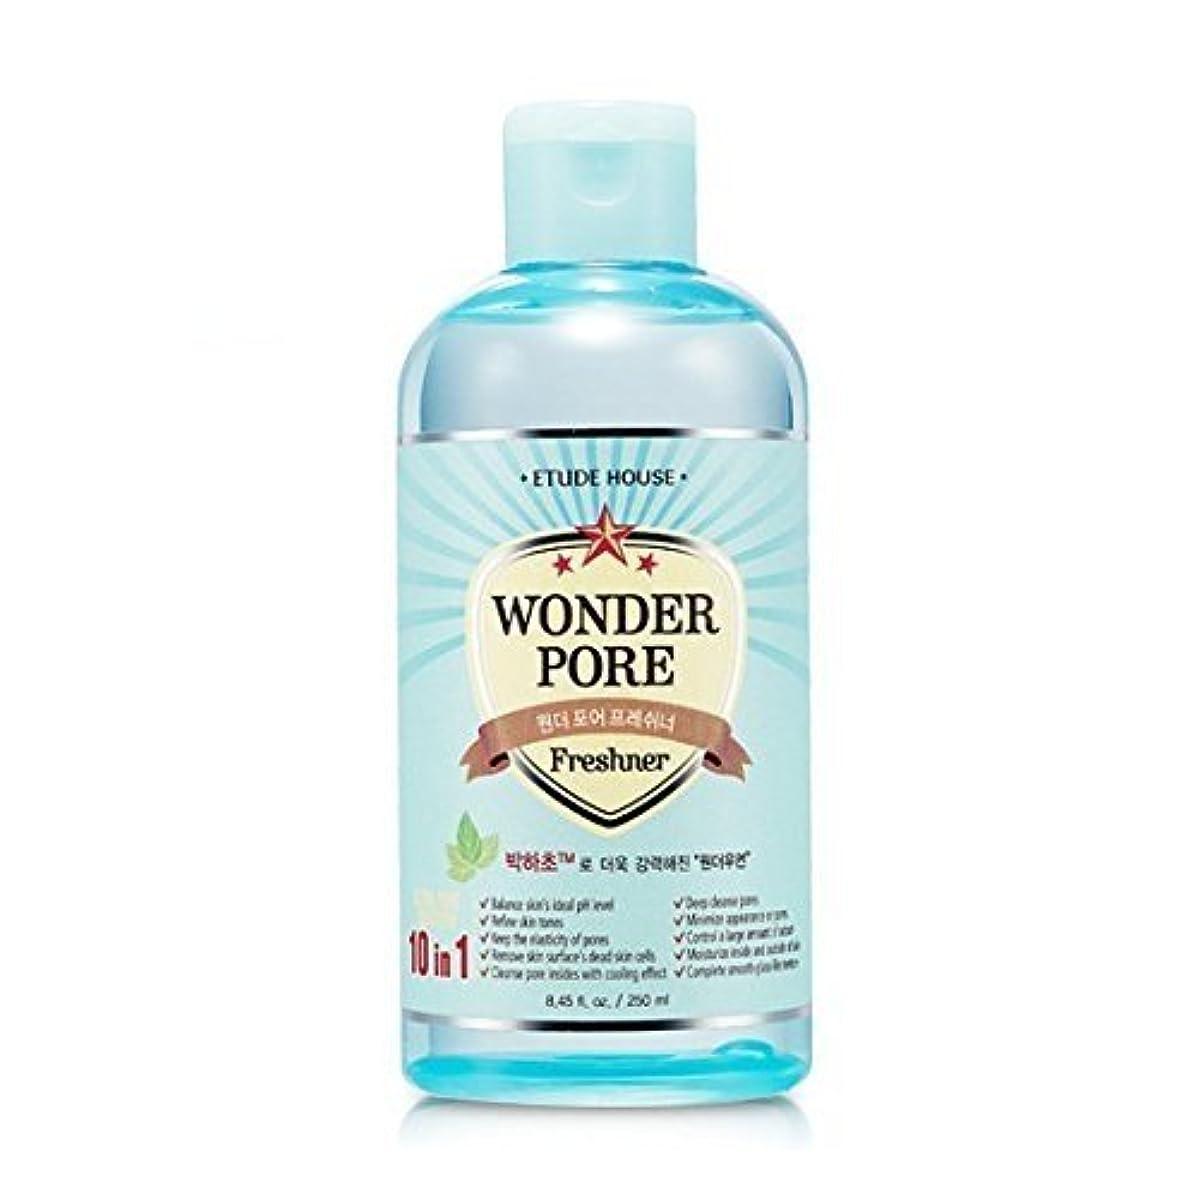 インテリア逃れる上院エチュードハウス ワンダー?ポア?フレッシュナー 化粧水 (500ml) / ETUDE HOUSE Wonder Pore Freshner [並行輸入品]